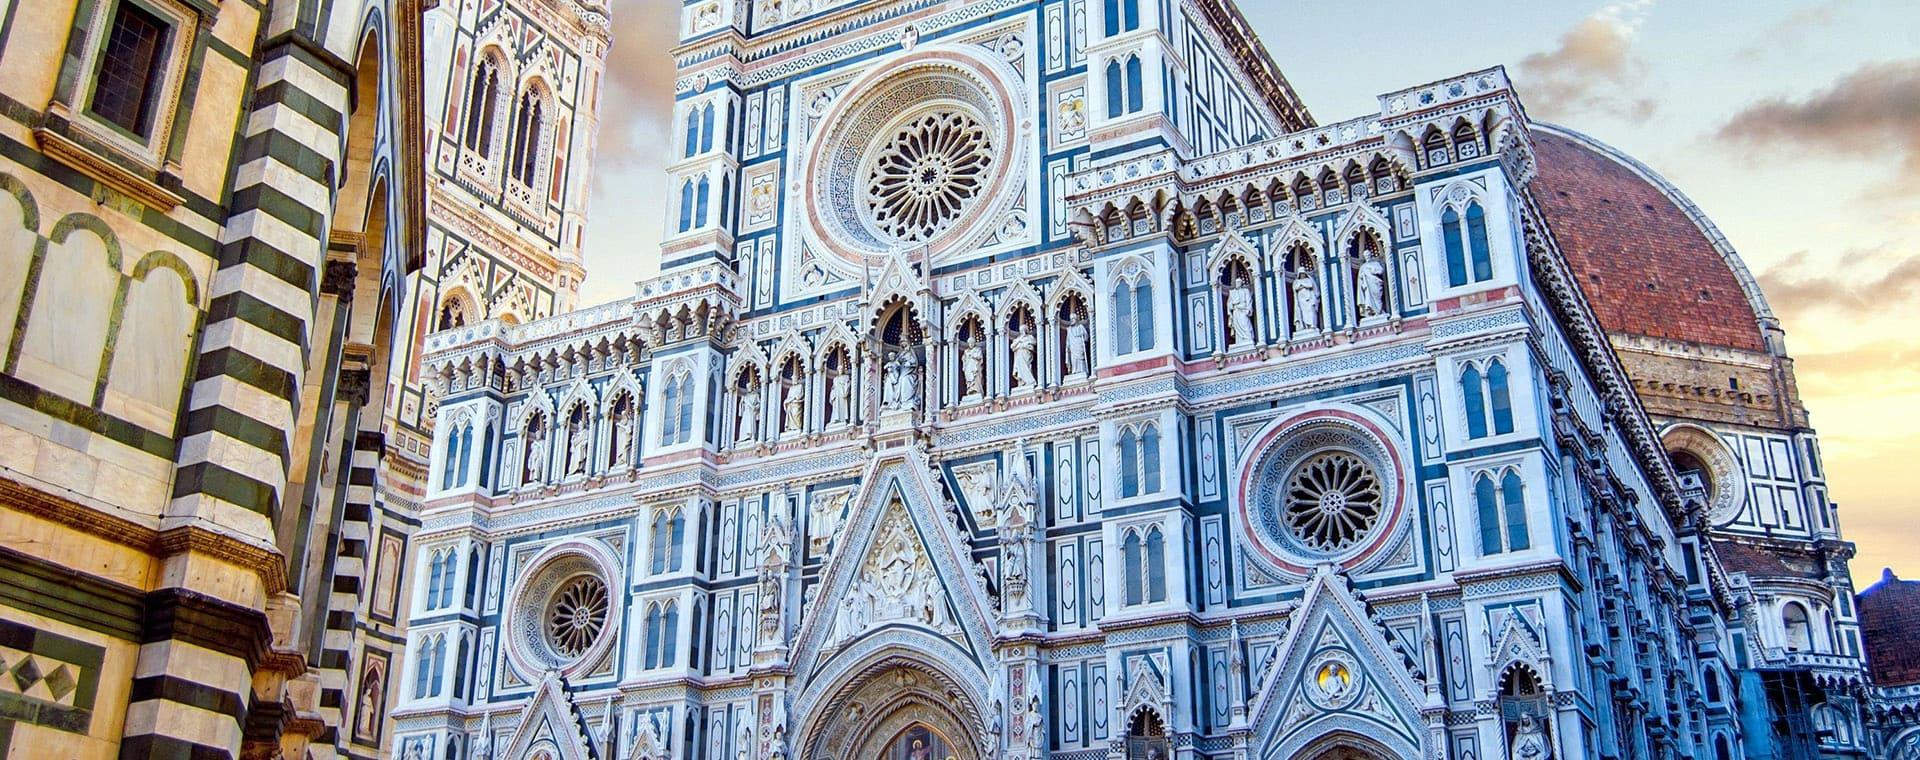 Экскурсия из порта Ла Специя во Флоренцию - гид Ирина Лихота